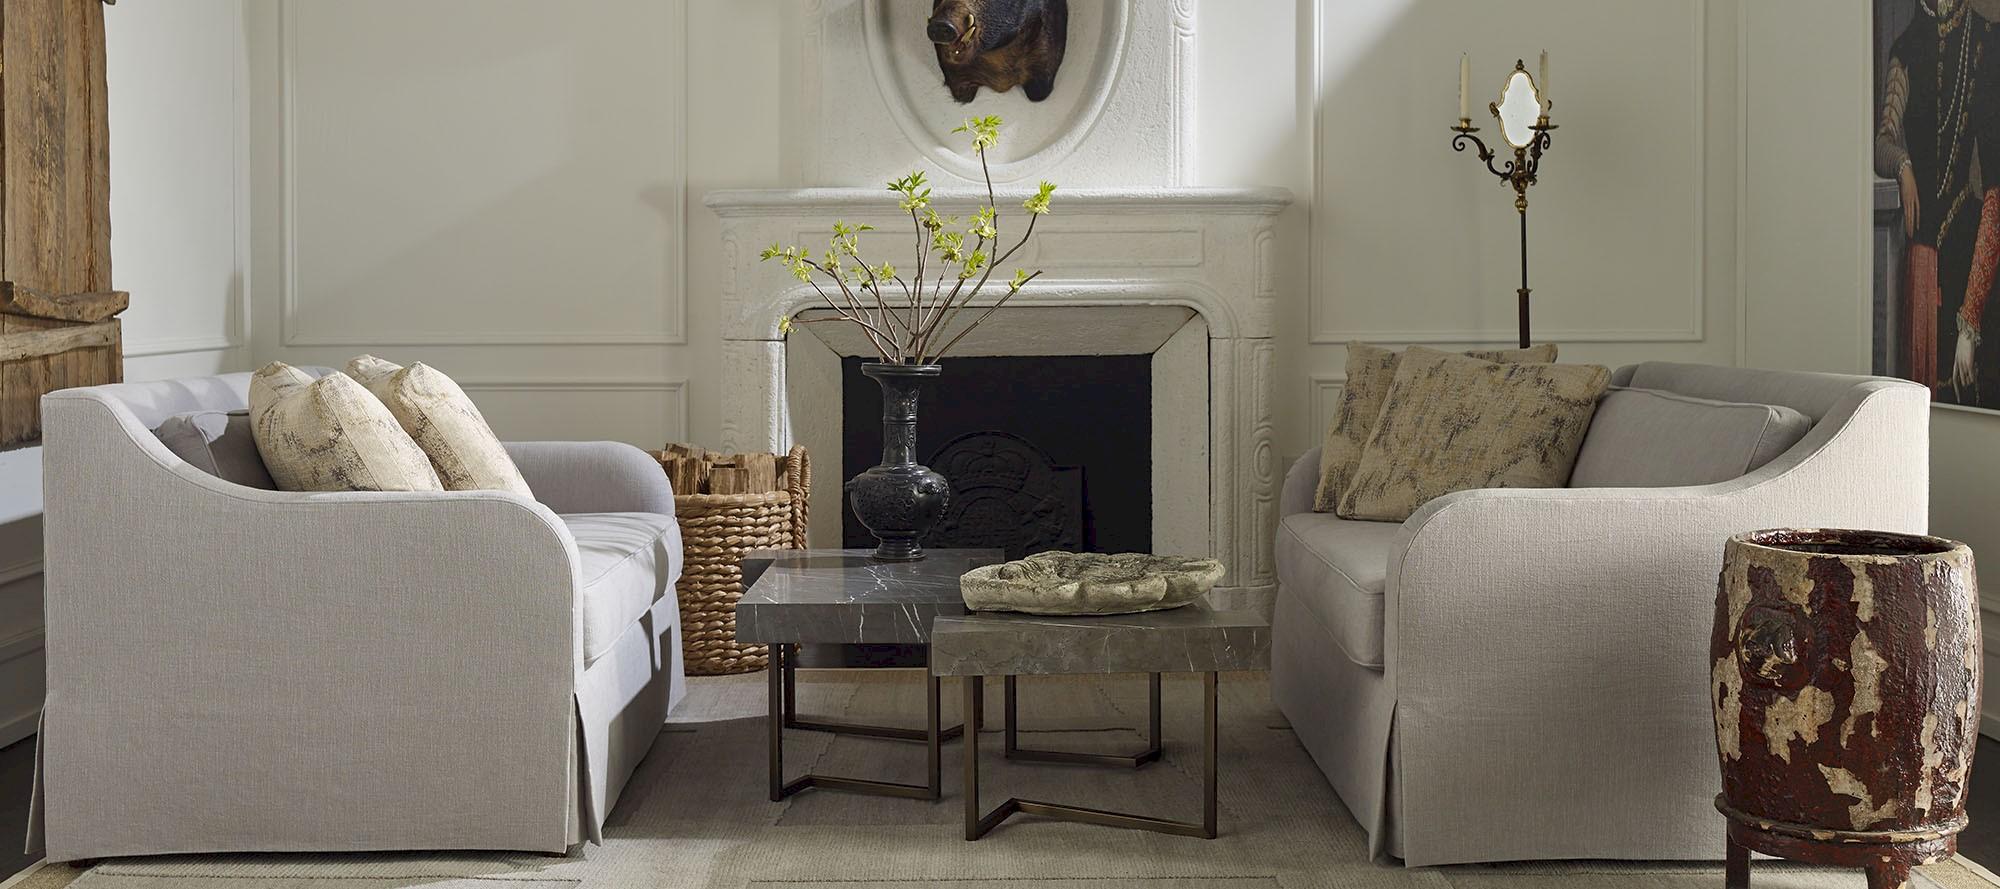 Living Room Furniture   Elaine S. Baker & Associates   Fine ...